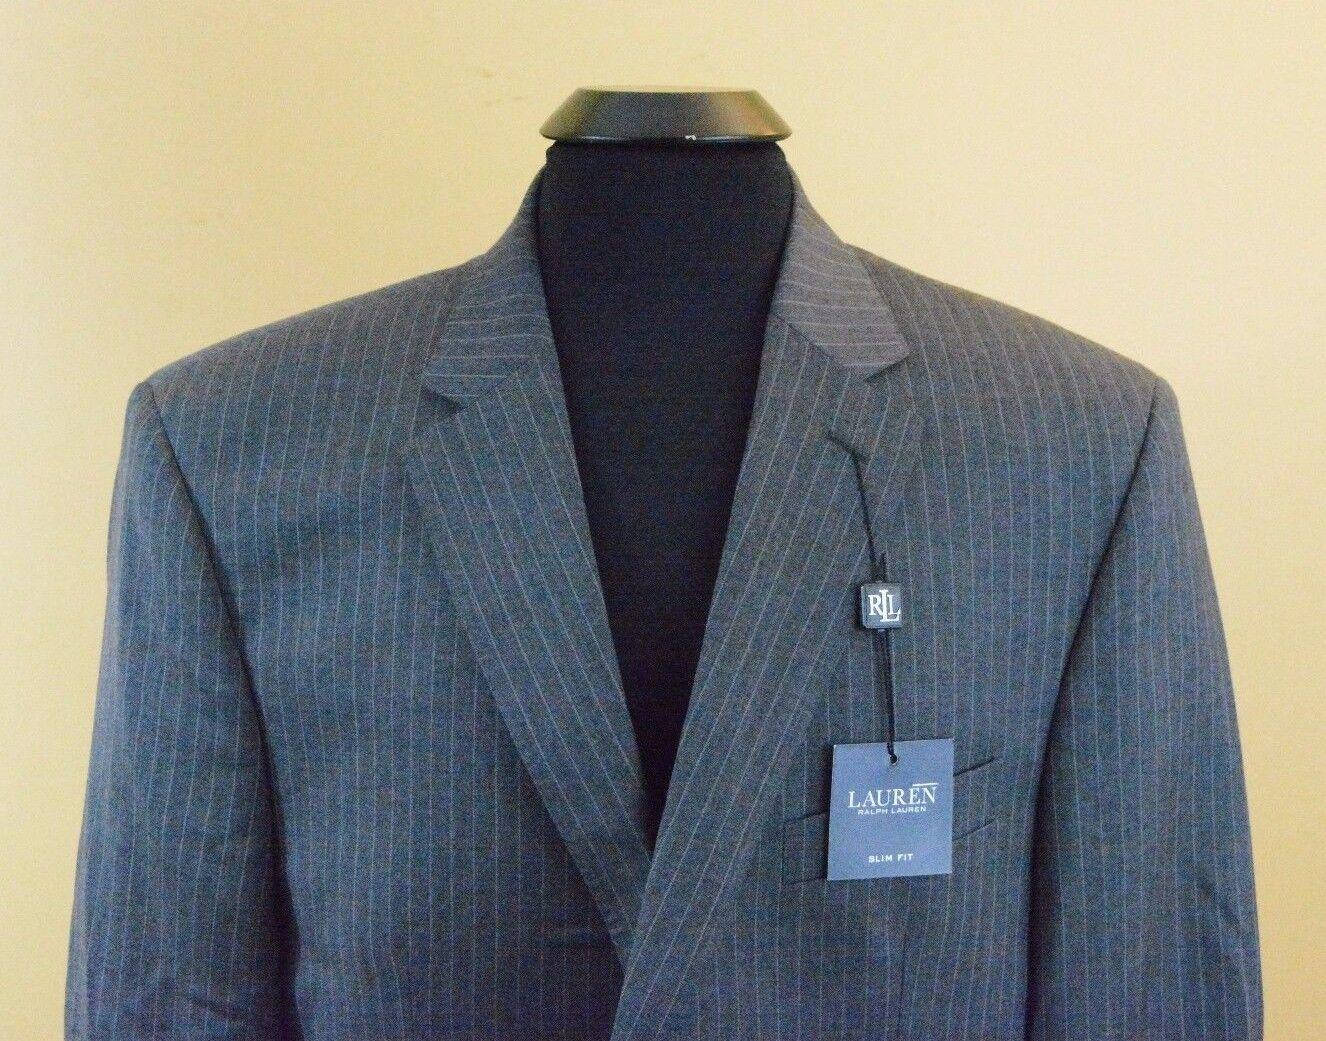 Lauren Ralph Lauren Men's 3 Piece Slim Fit Suit Set